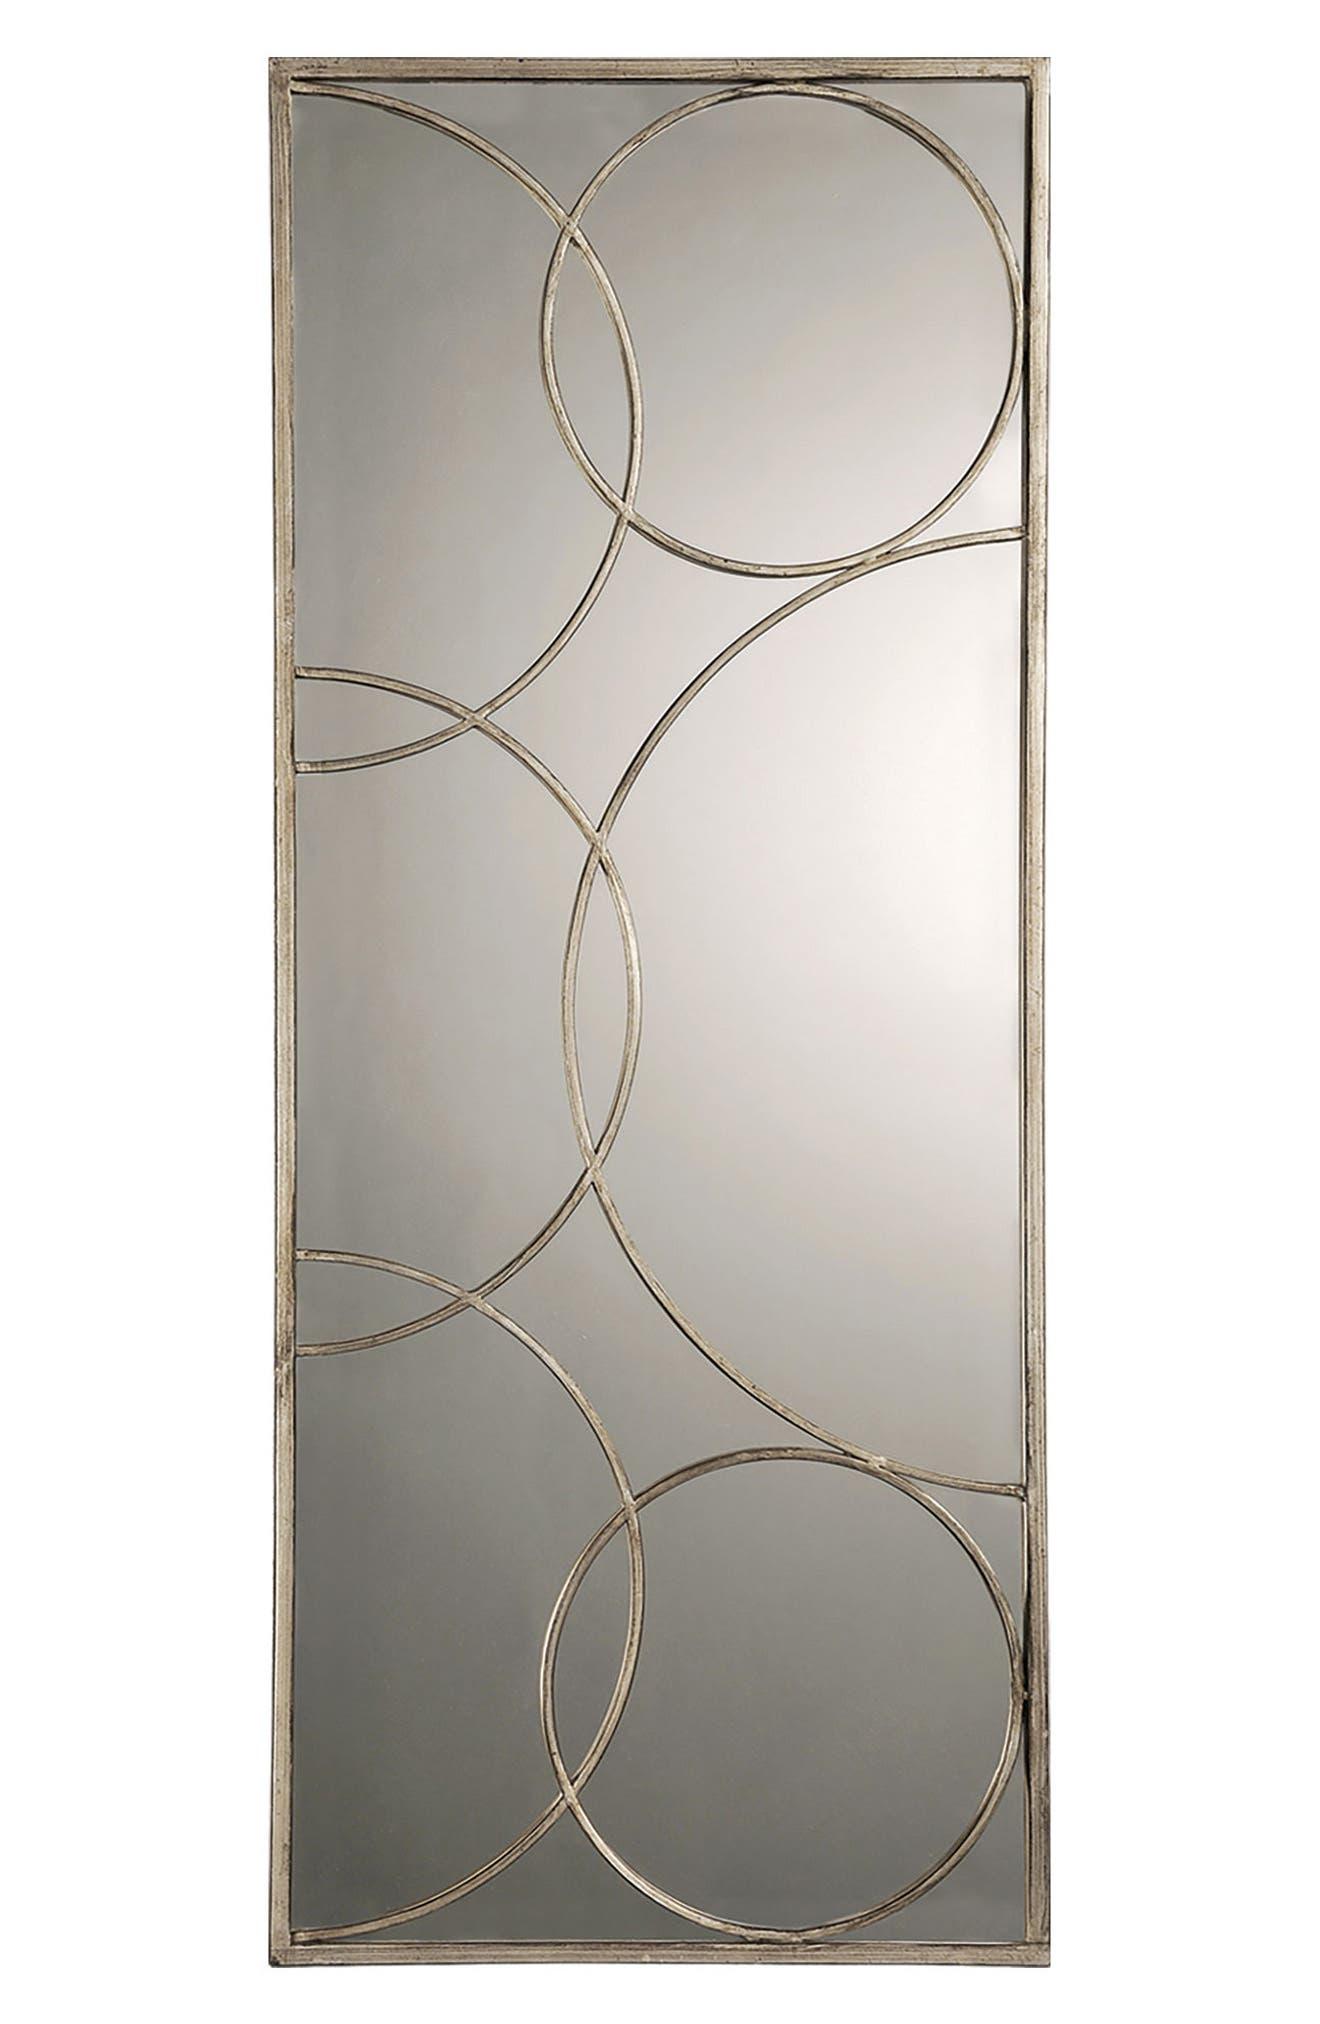 Alternate Image 1 Selected - Renwil Kyrie Mirror